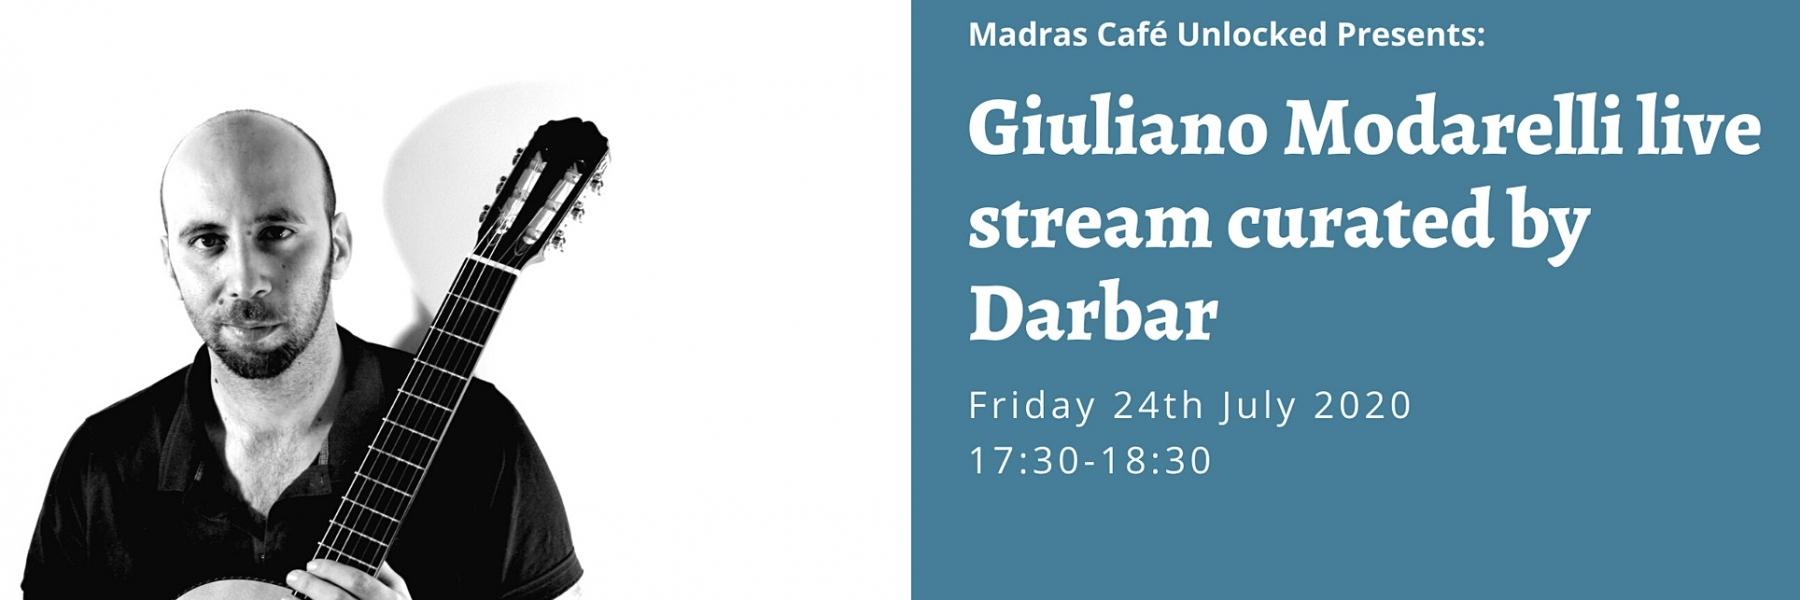 Giuliano Modarelli live stream curated by Darbar